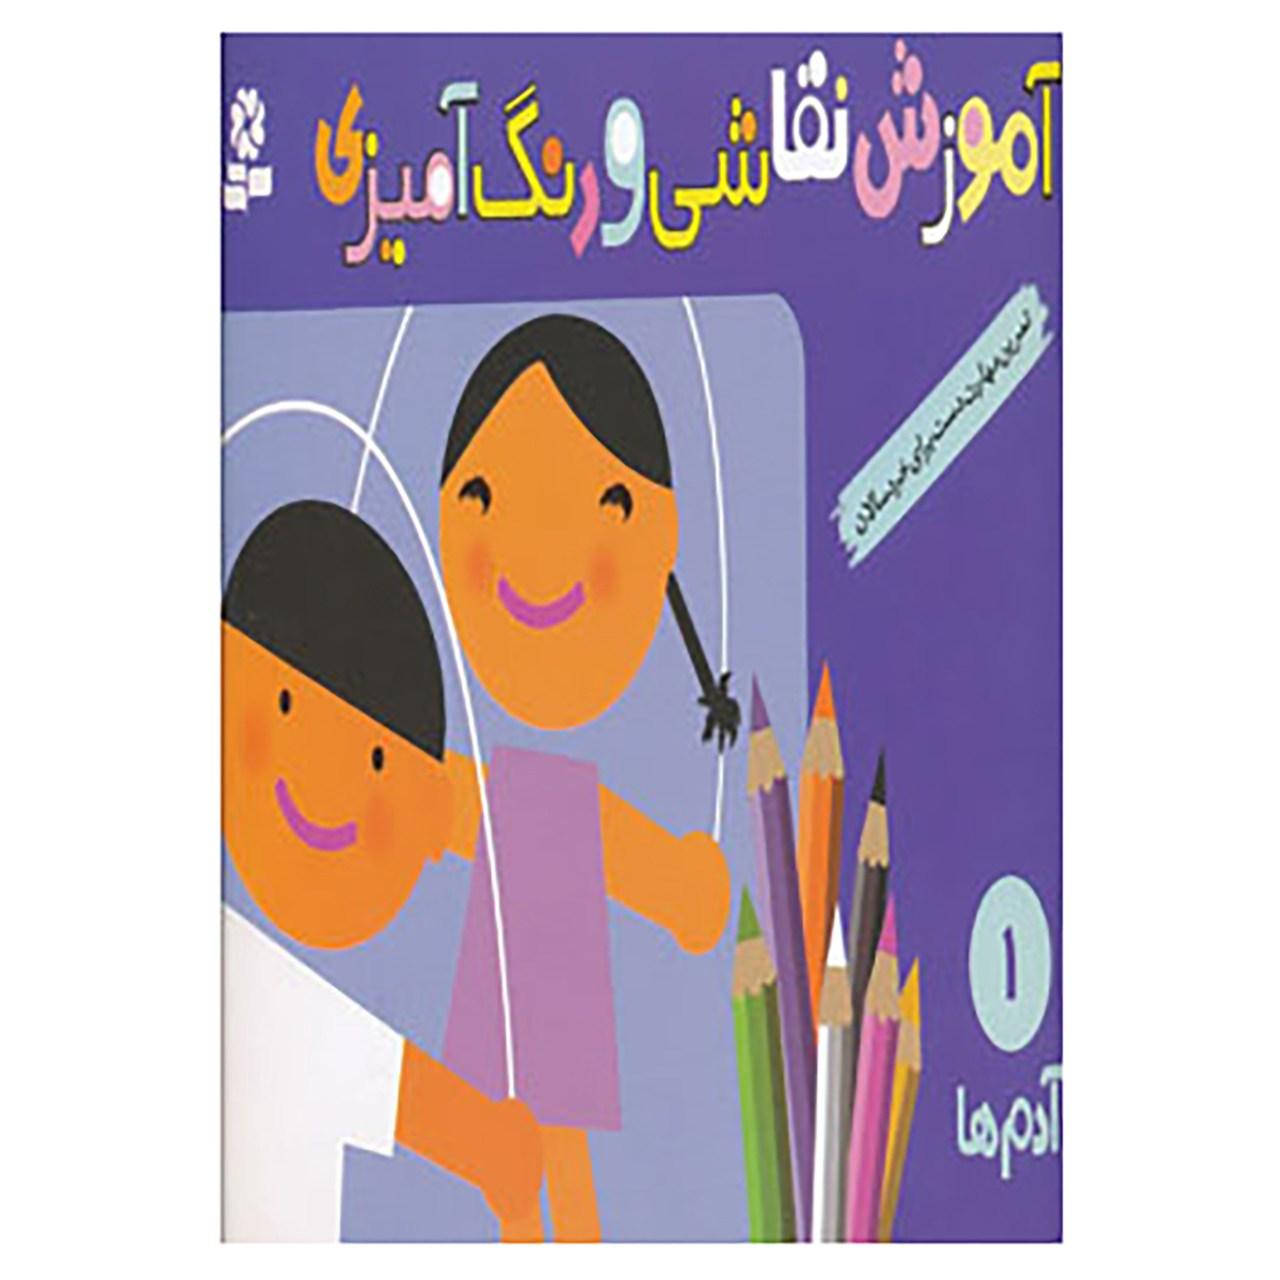 کتاب آموزش نقاشی و رنگ آمیزی 1 اثر شن یانگ